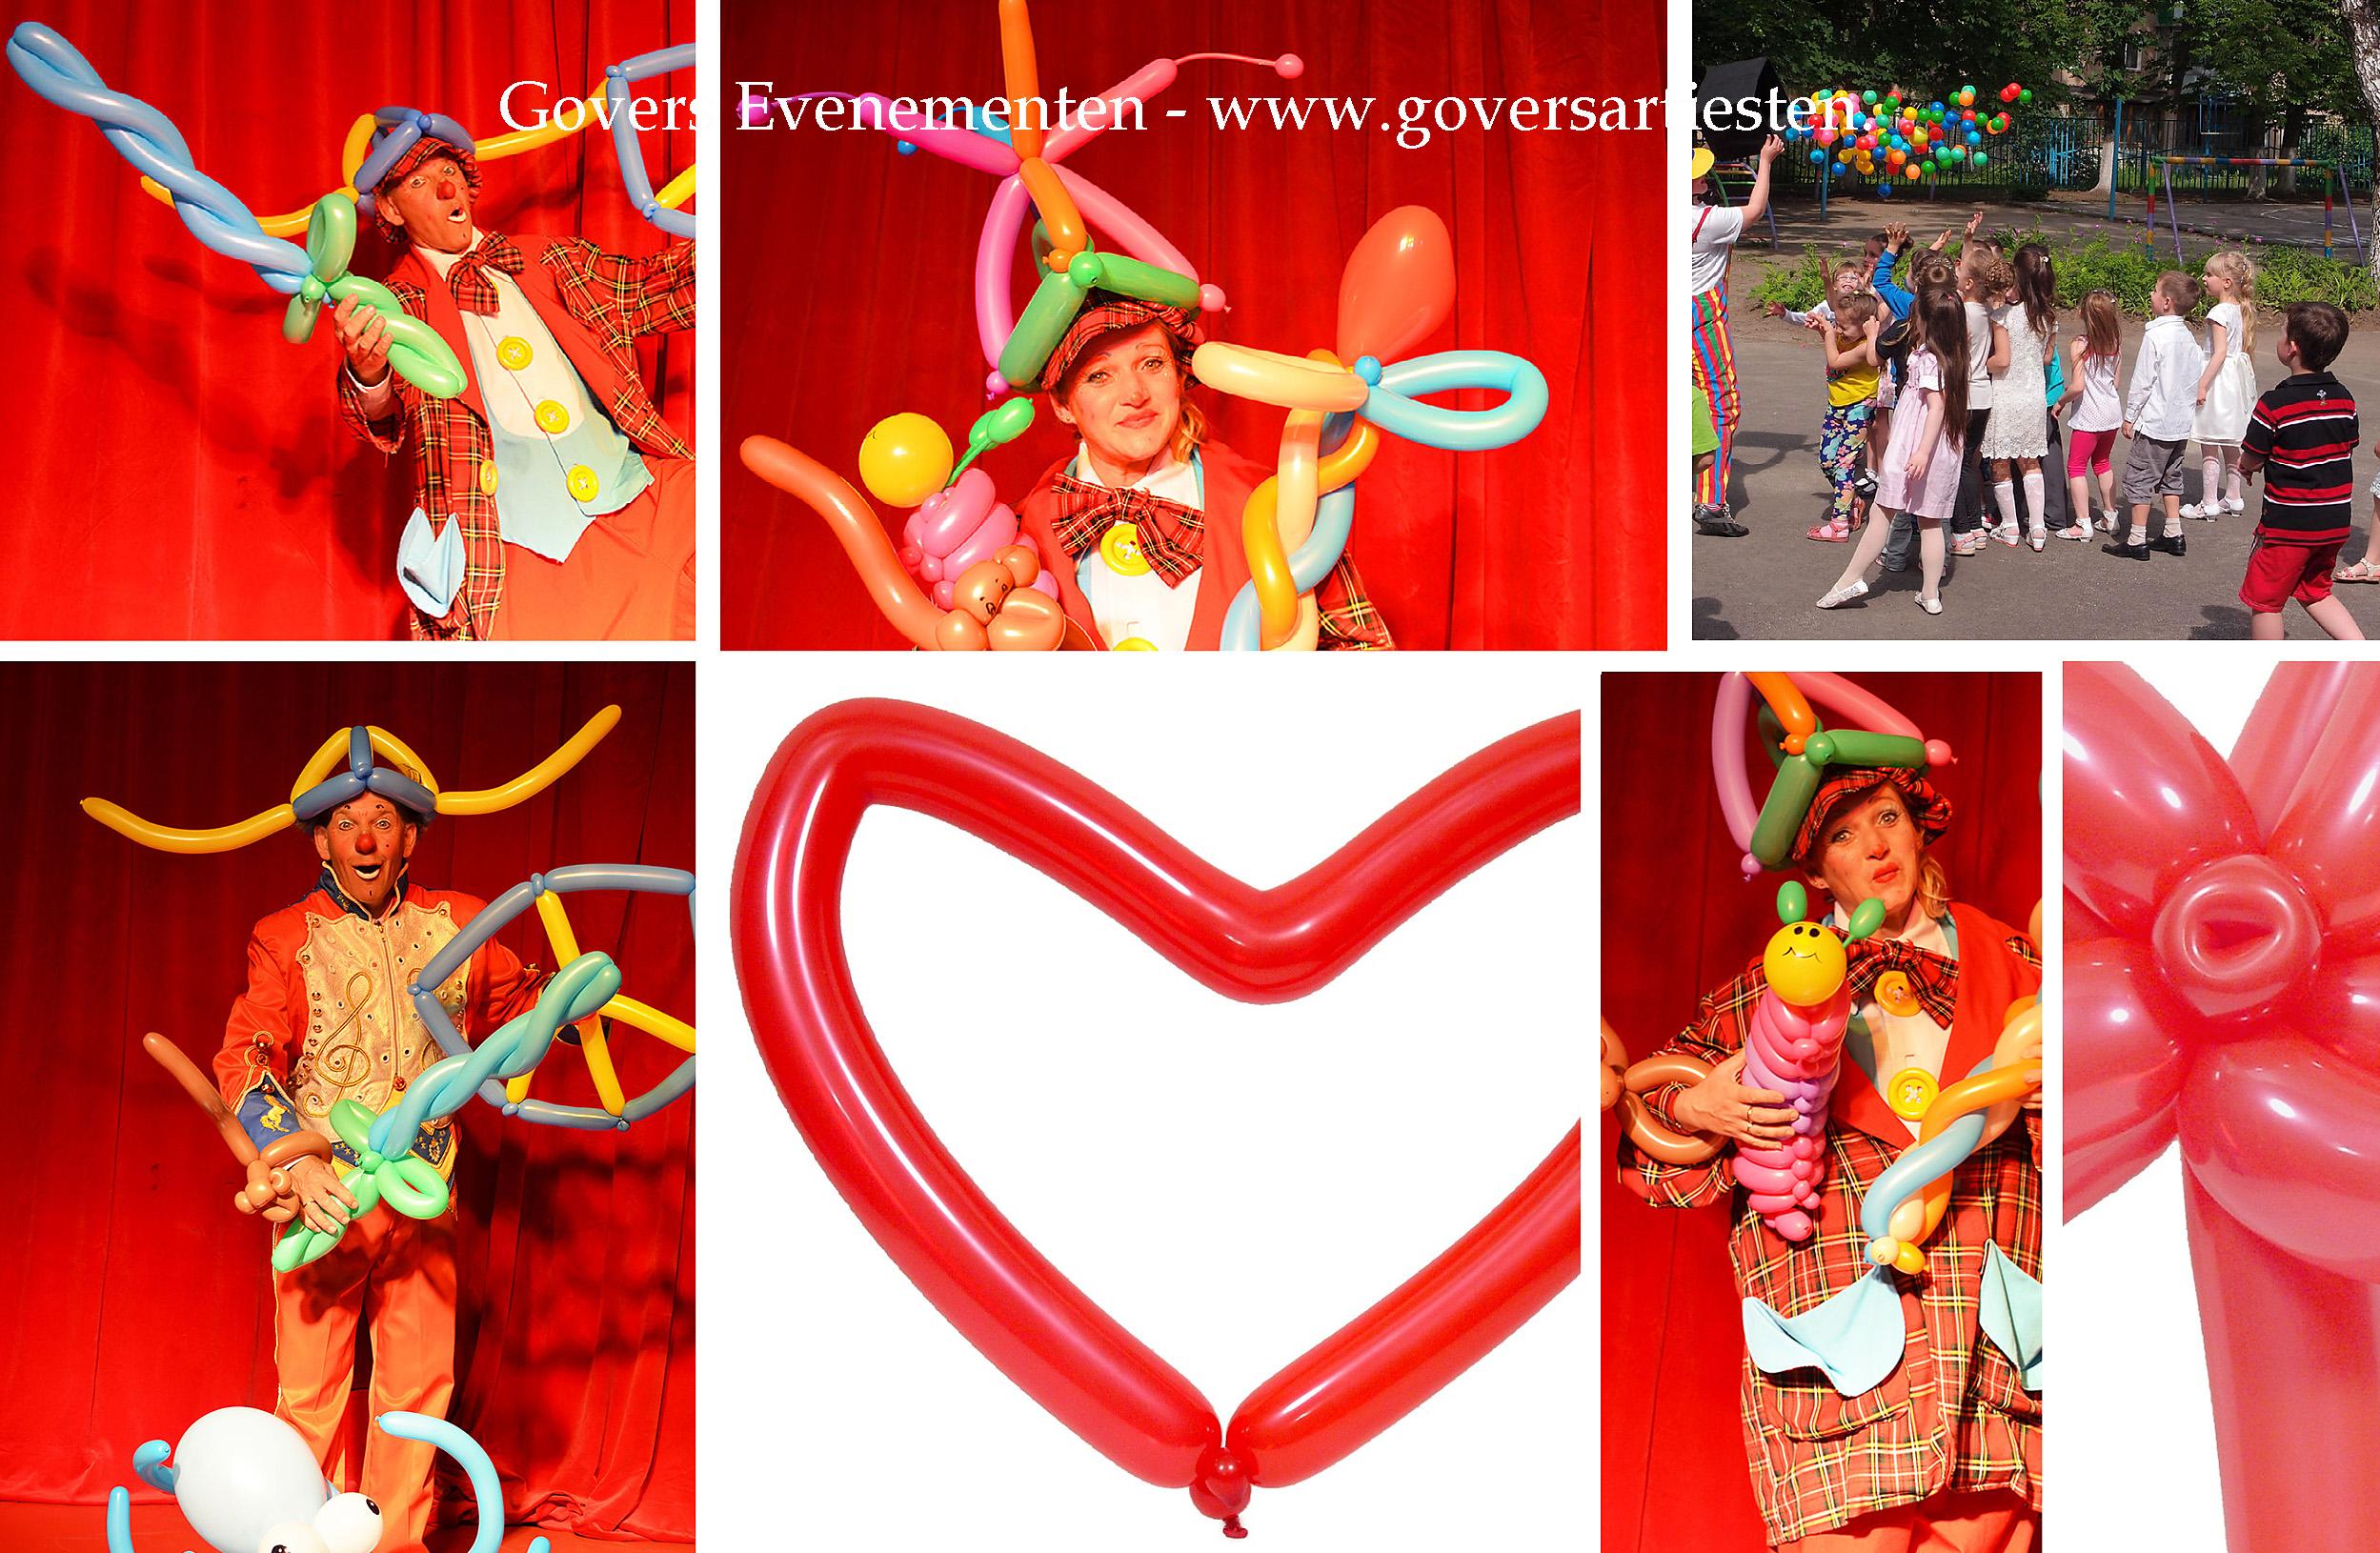 Ballonnenclown, clown, kindervoorstelling, straattheater, artiesten boeken, artiestenbureau, clowns, ballonnen vouwen, ballonnen vouwer, ballon, kindertheater, Govers Evenementen, www.goversartiesten.nl